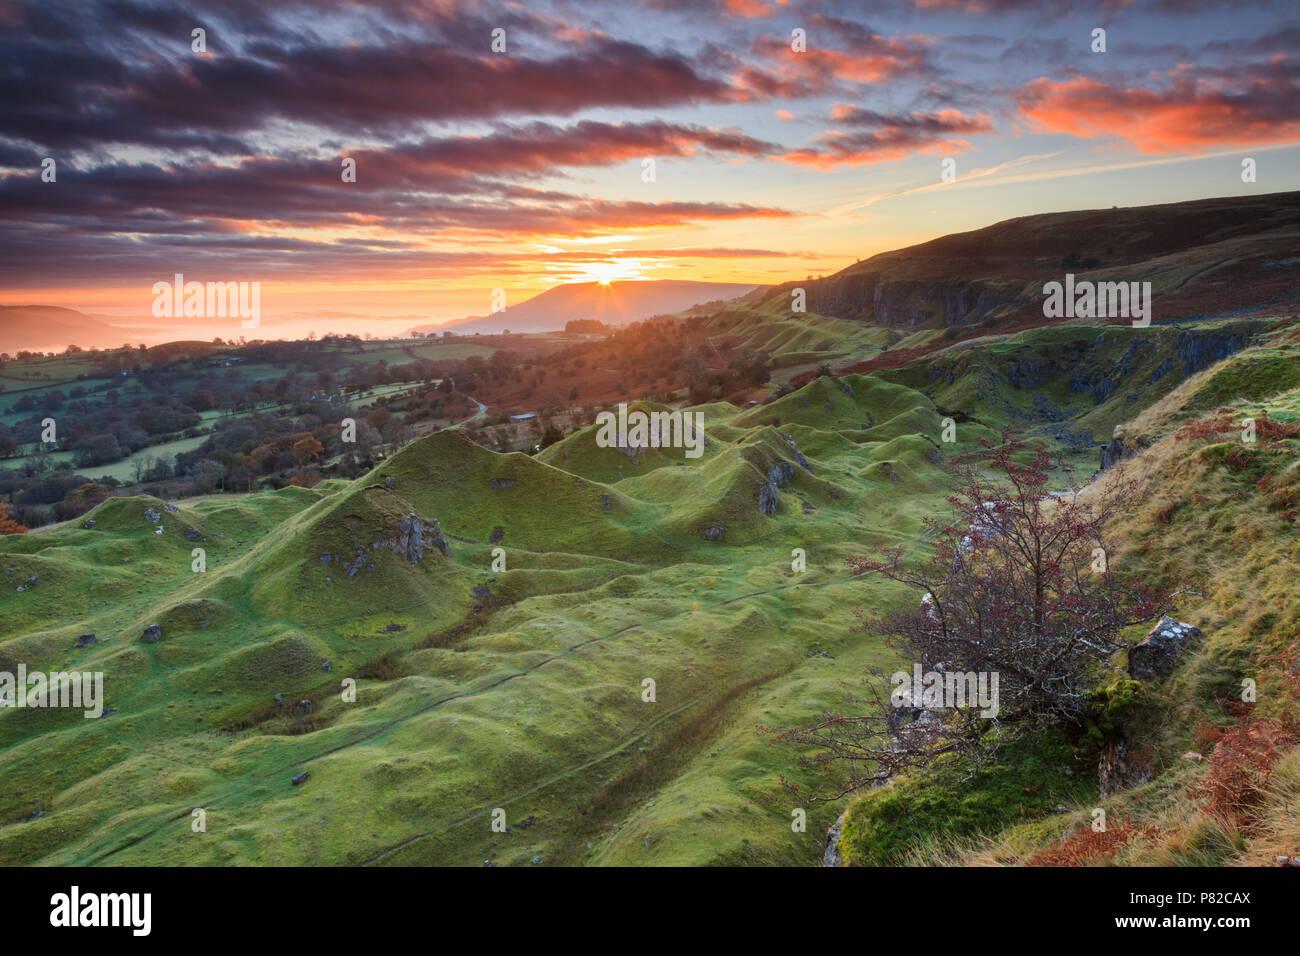 Sunrise at the Llangattock Escarpment in the Brecon Beacons National Park. Stock Photo